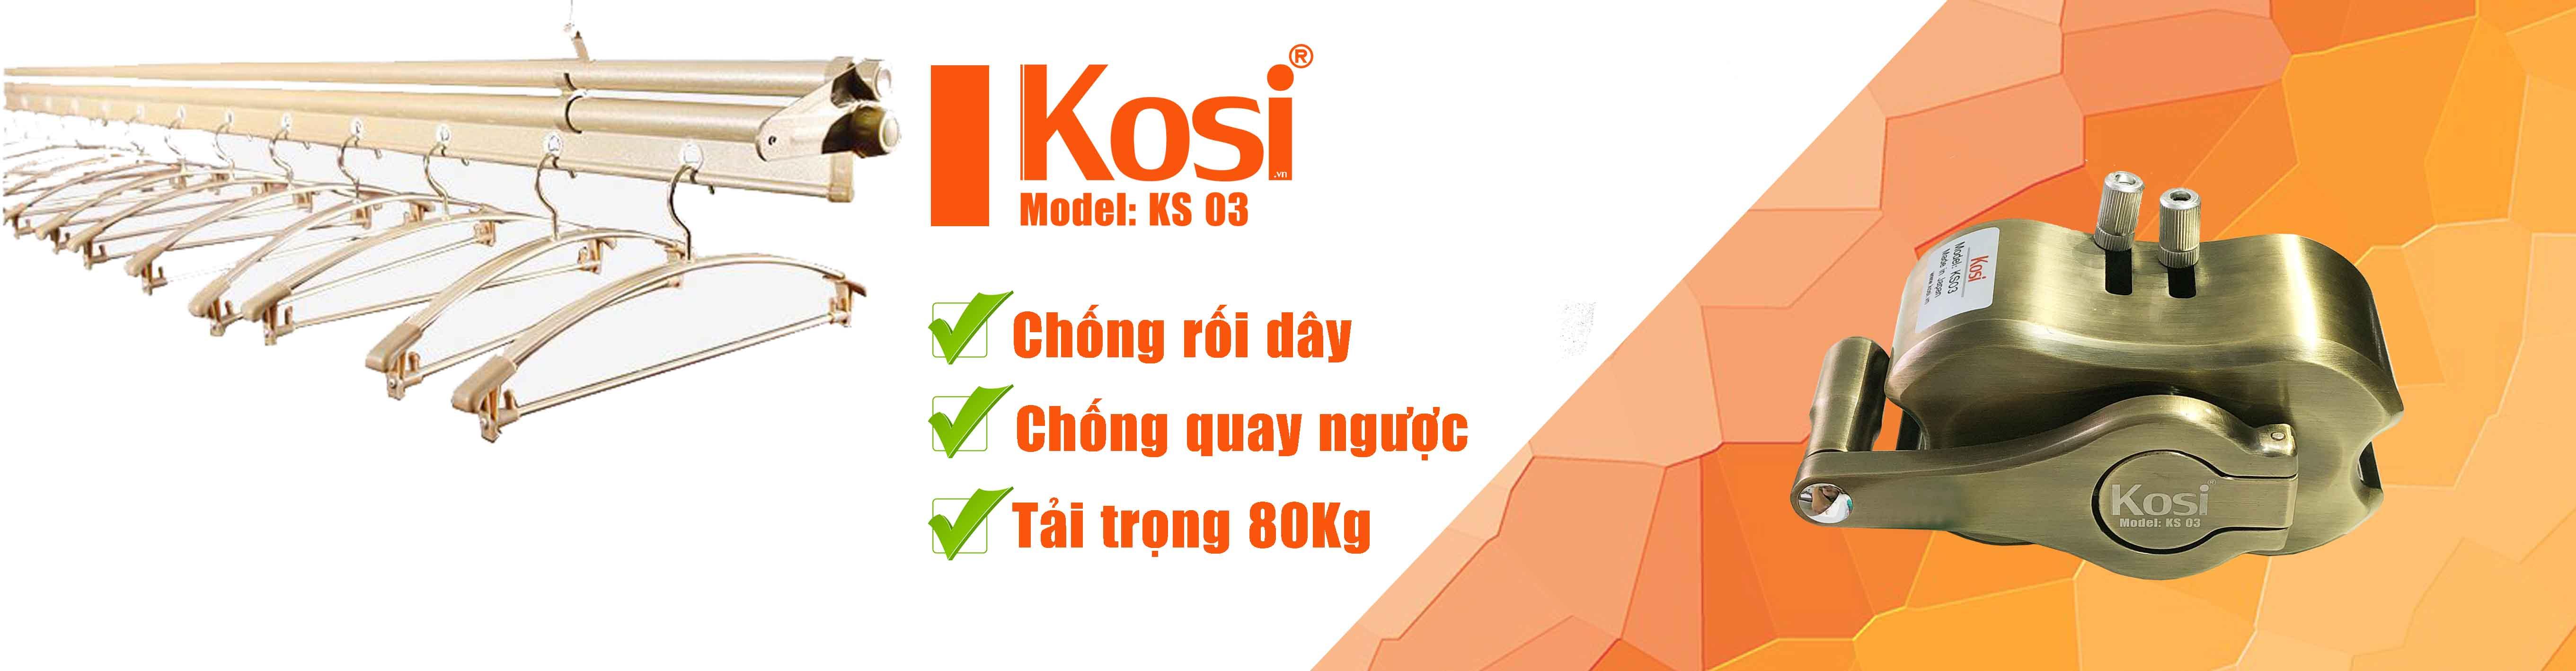 gian-phoi-kosi-baner_kosi_ks03